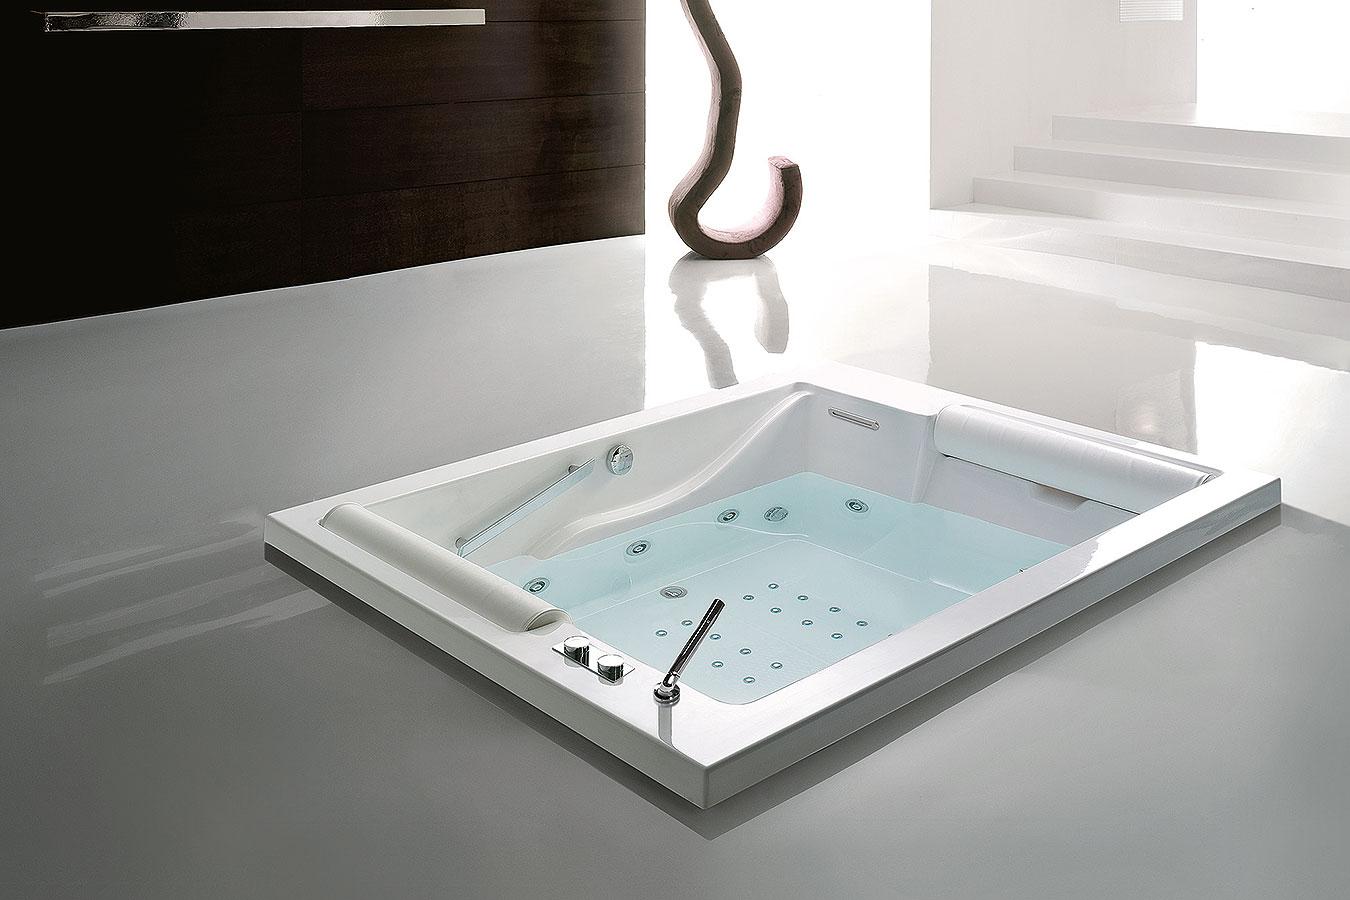 Vasca Da Bagno Misure Grandi : Treesse vasche e cabine di qualità scopri i modelli da euroedil